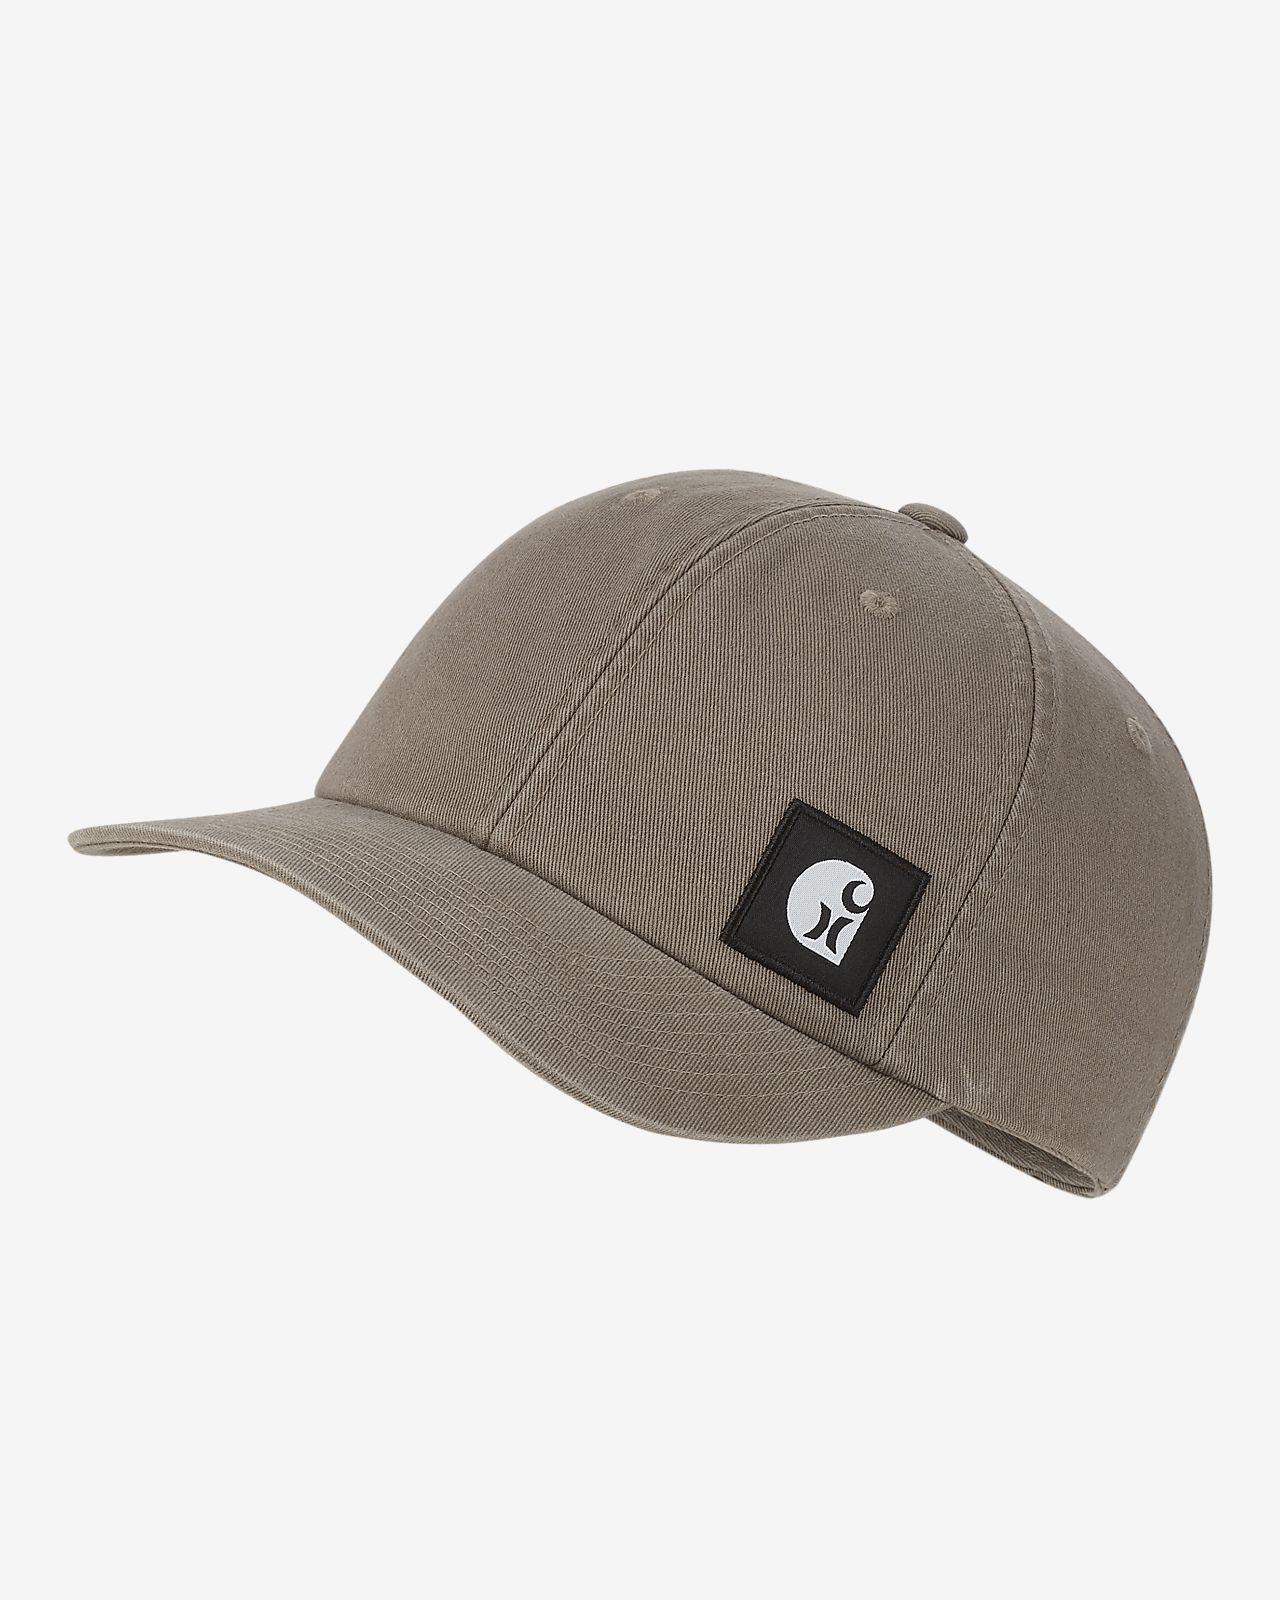 Hurley x Carhartt Men's Dad Hat